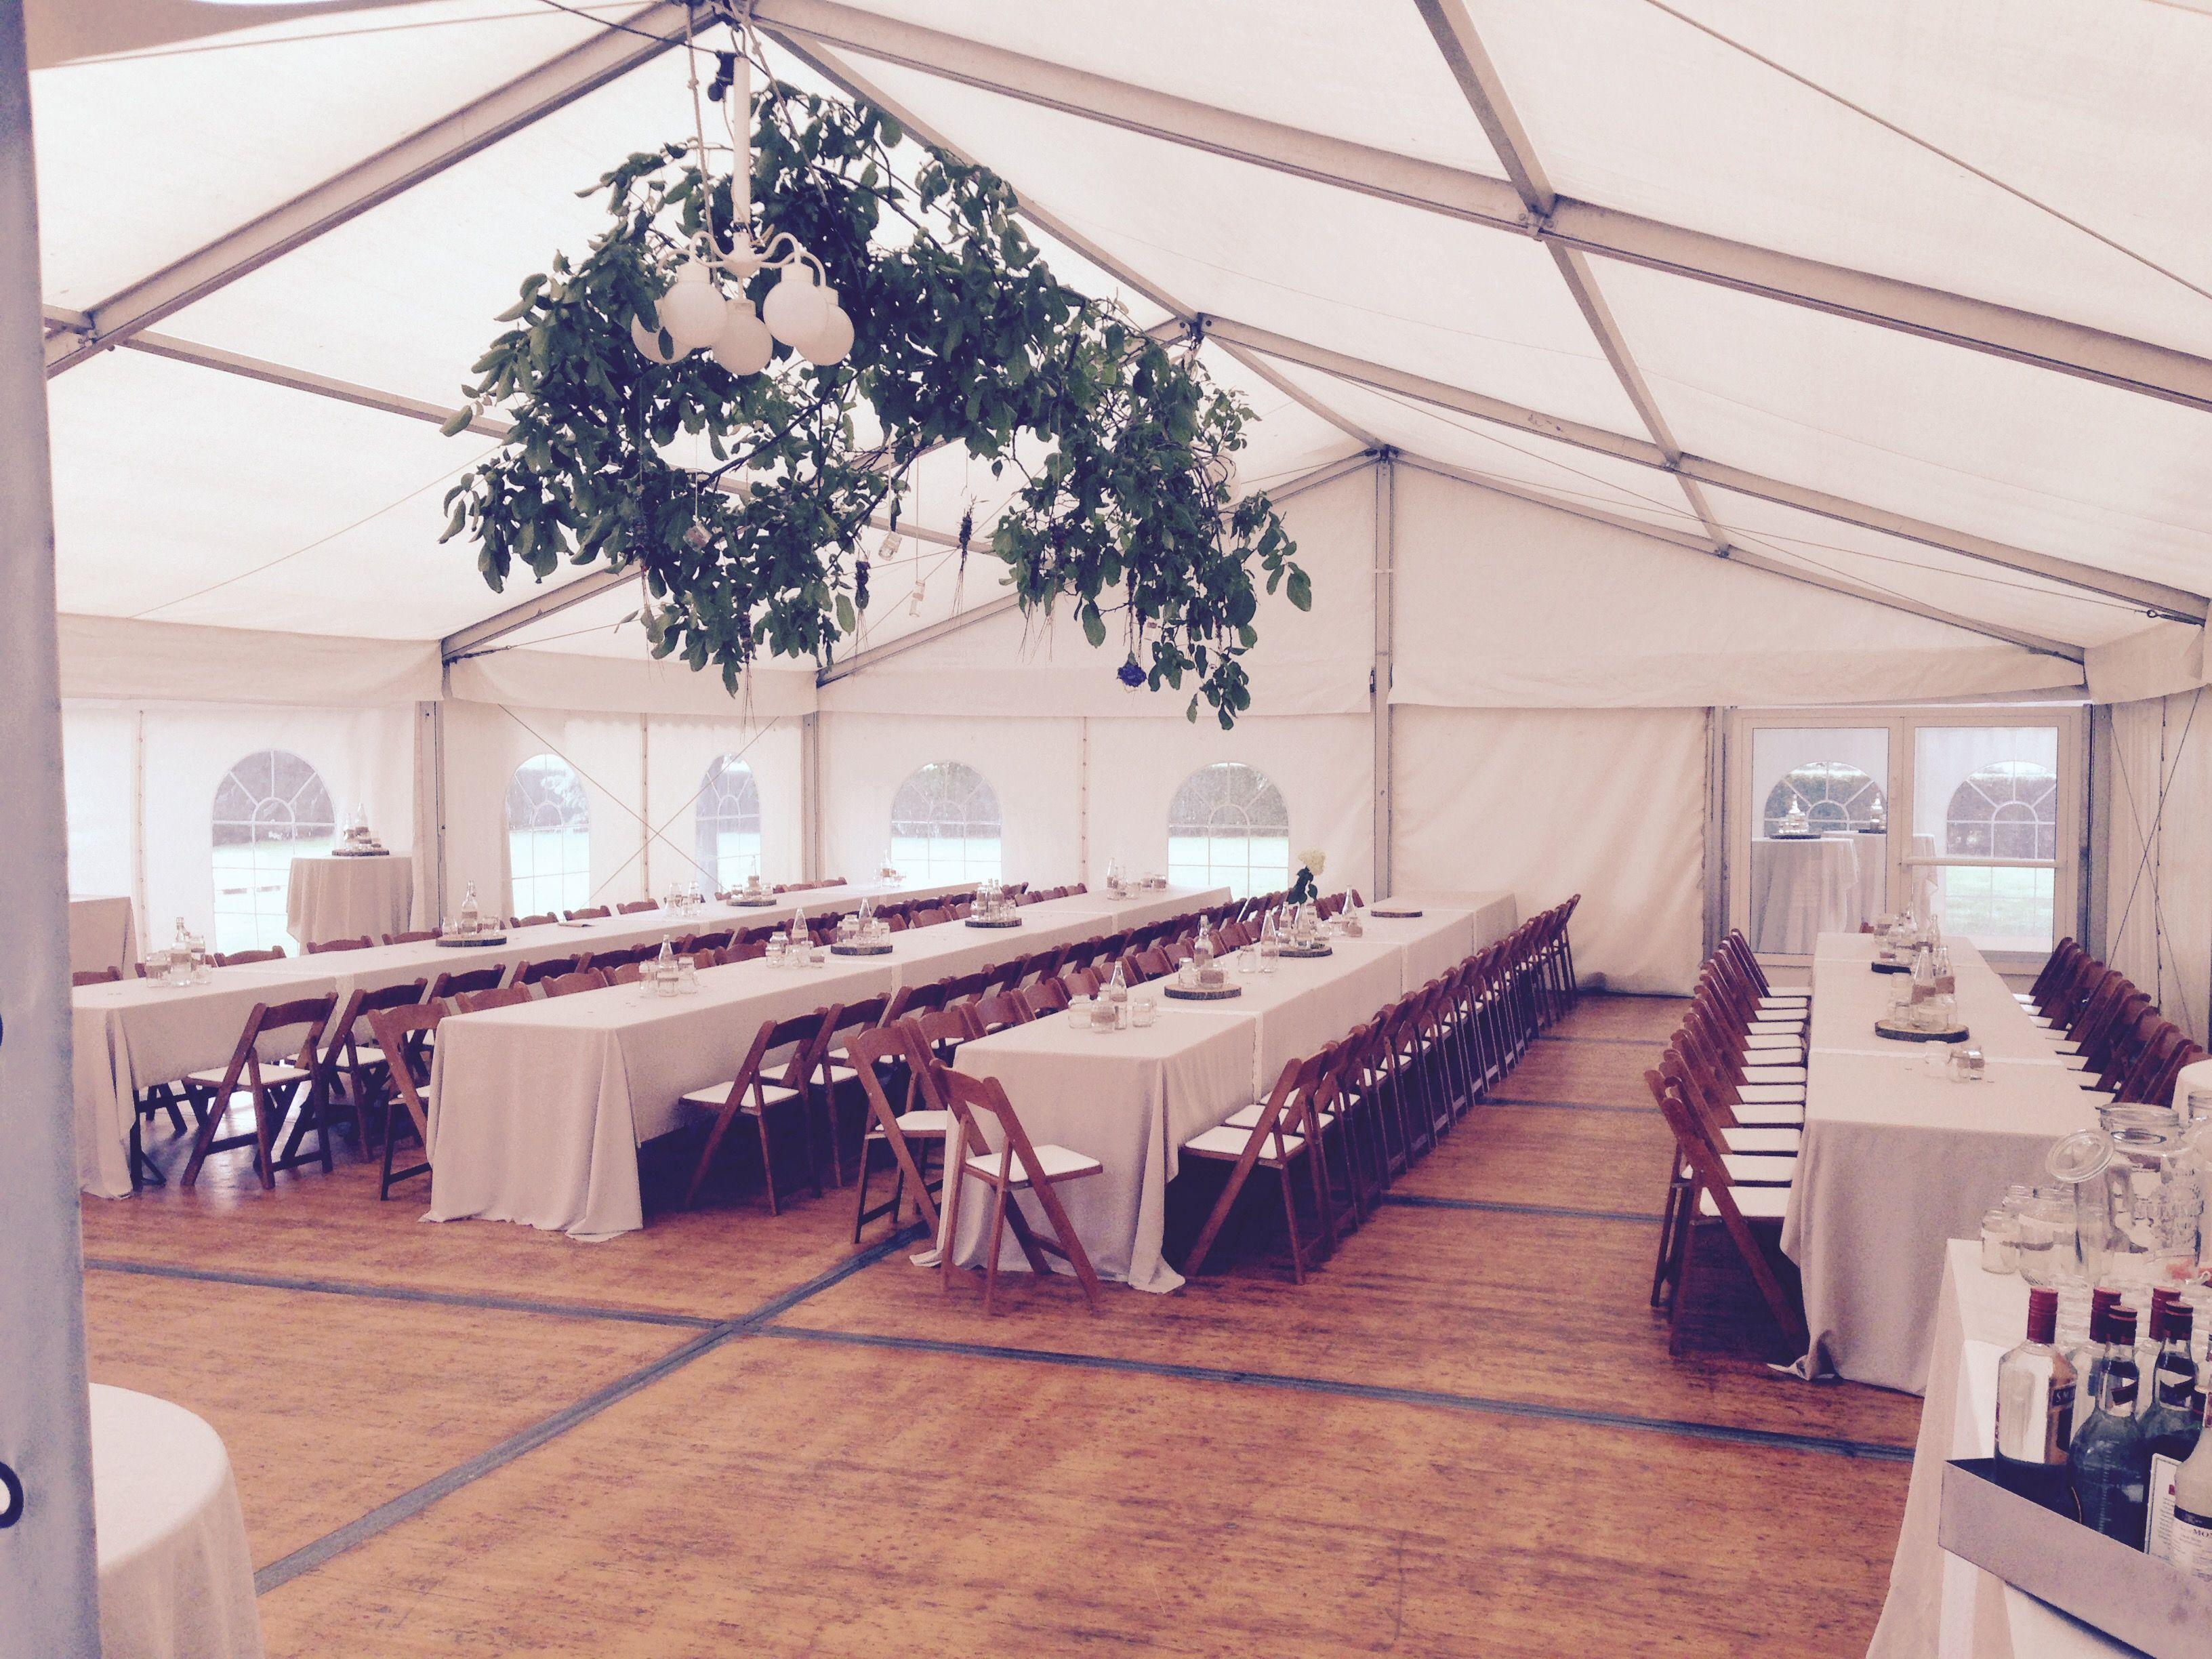 Bezaubernd Dekoration Gartenparty Referenz Von Zelt Hochzeit Vintage Diy Blumen Ast Wedding